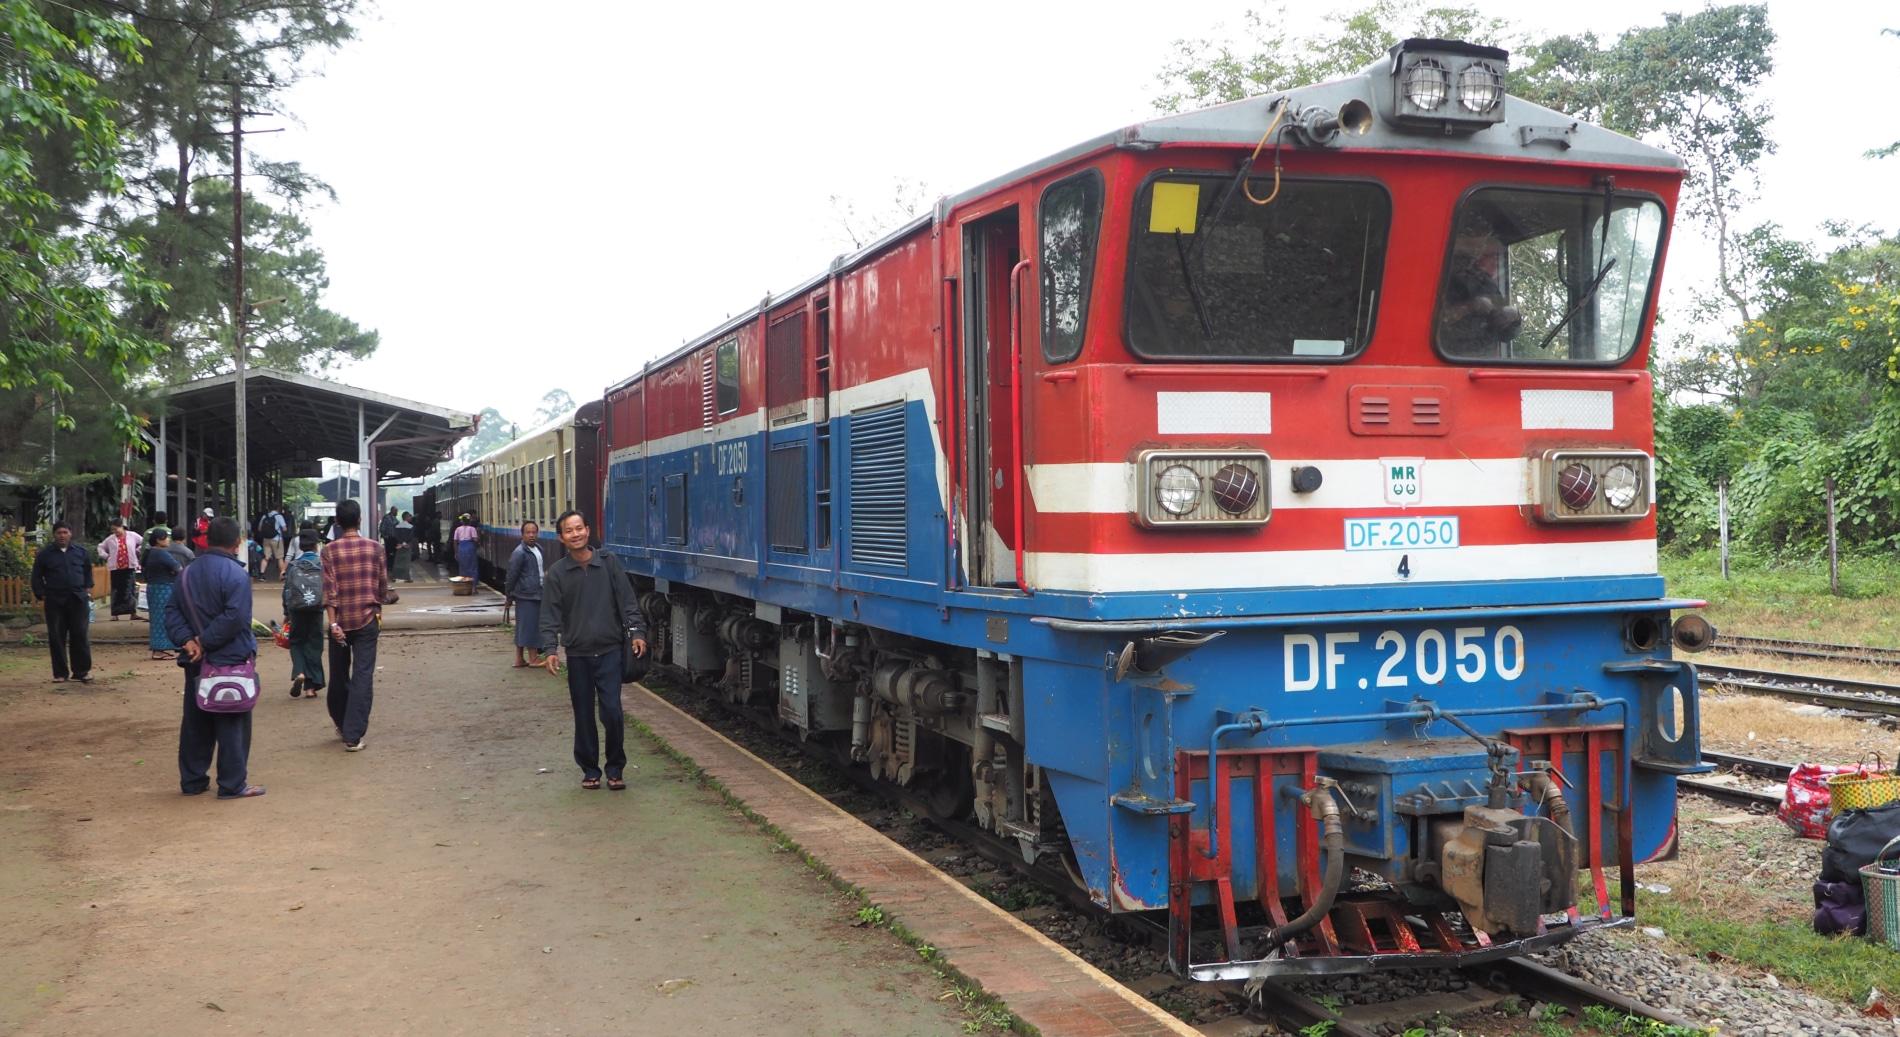 Pociąg na stacji w Birmie